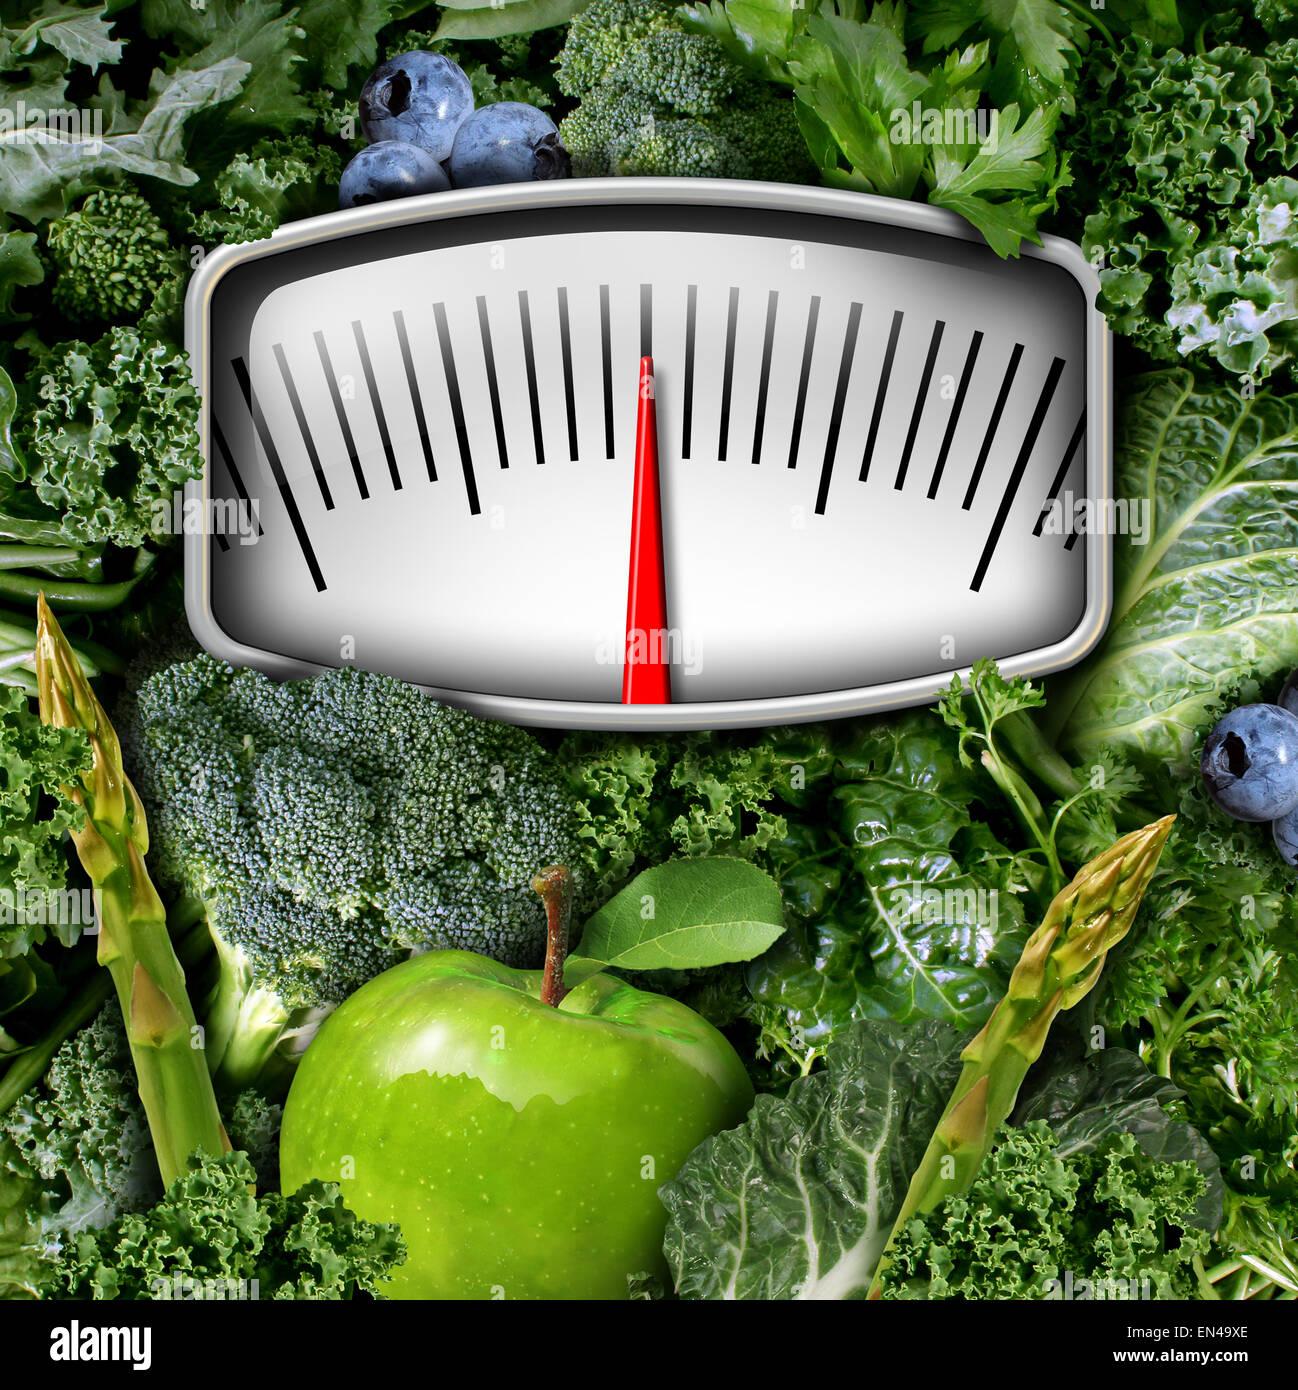 Obst und Gemüse Gewicht Waage Konzept als eine Gruppe von ...